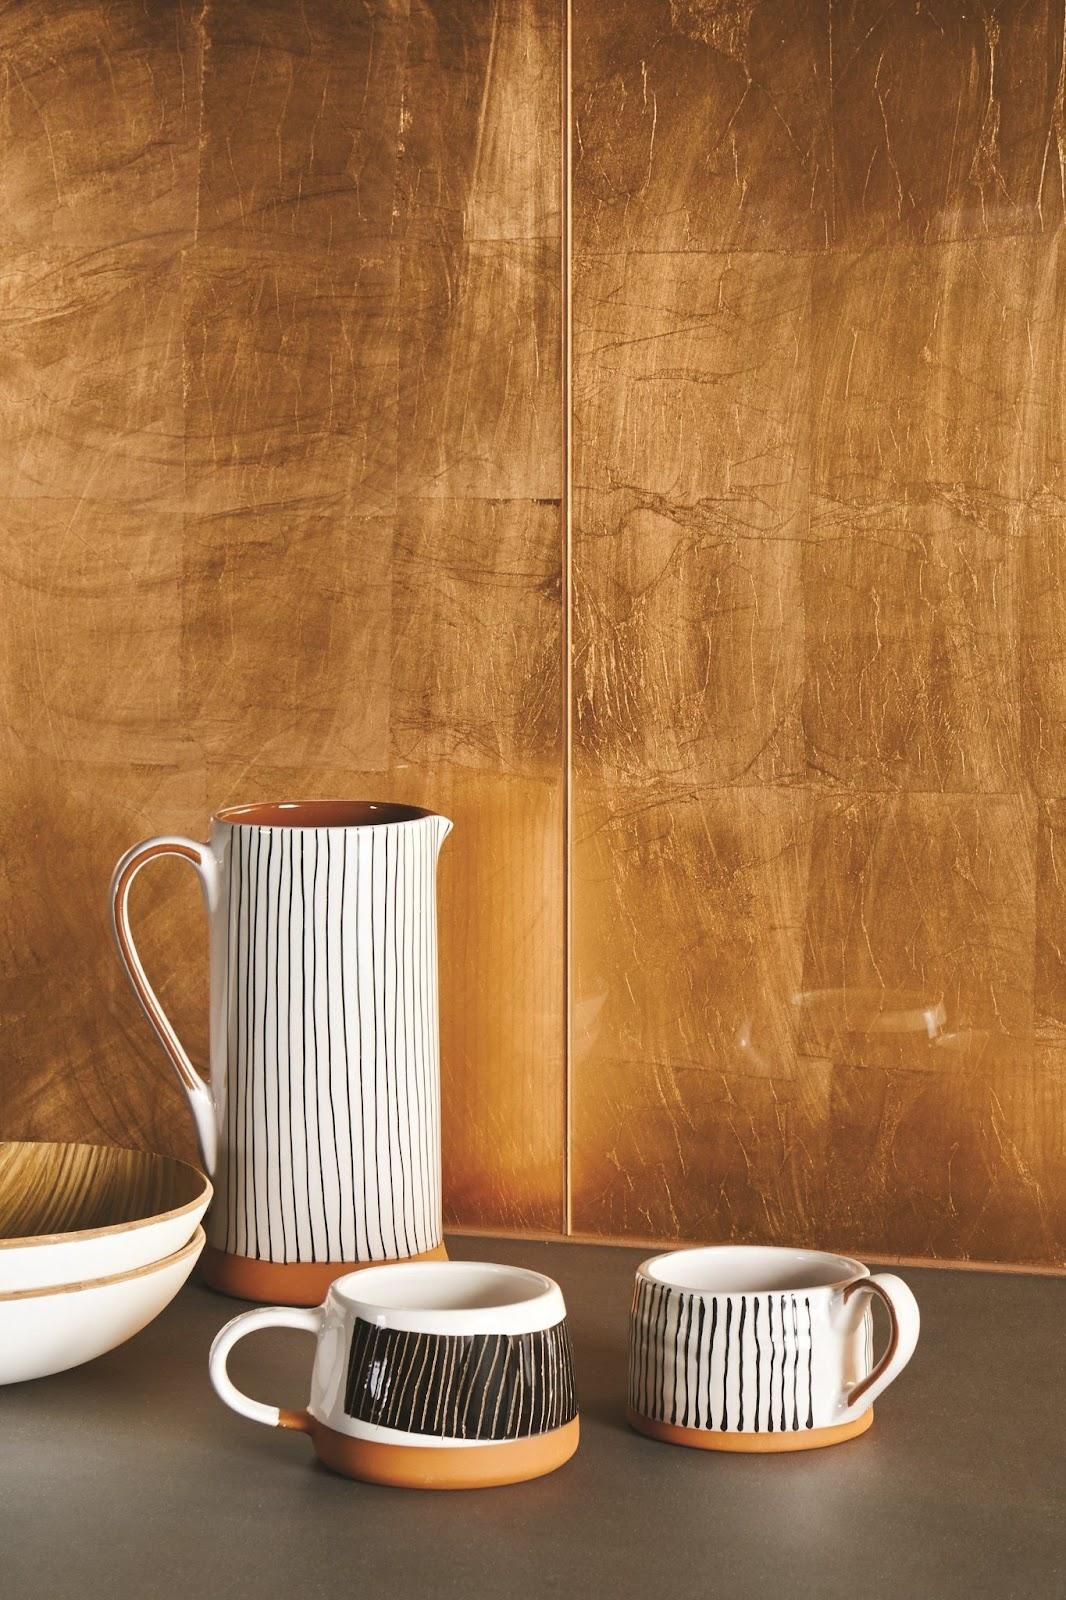 Sơn hiệu ứng Waldo - Dát vàng lá - Các gân lá vàng nổi lên bề mặt chi tiết mang lại cảm giác rất chân thật